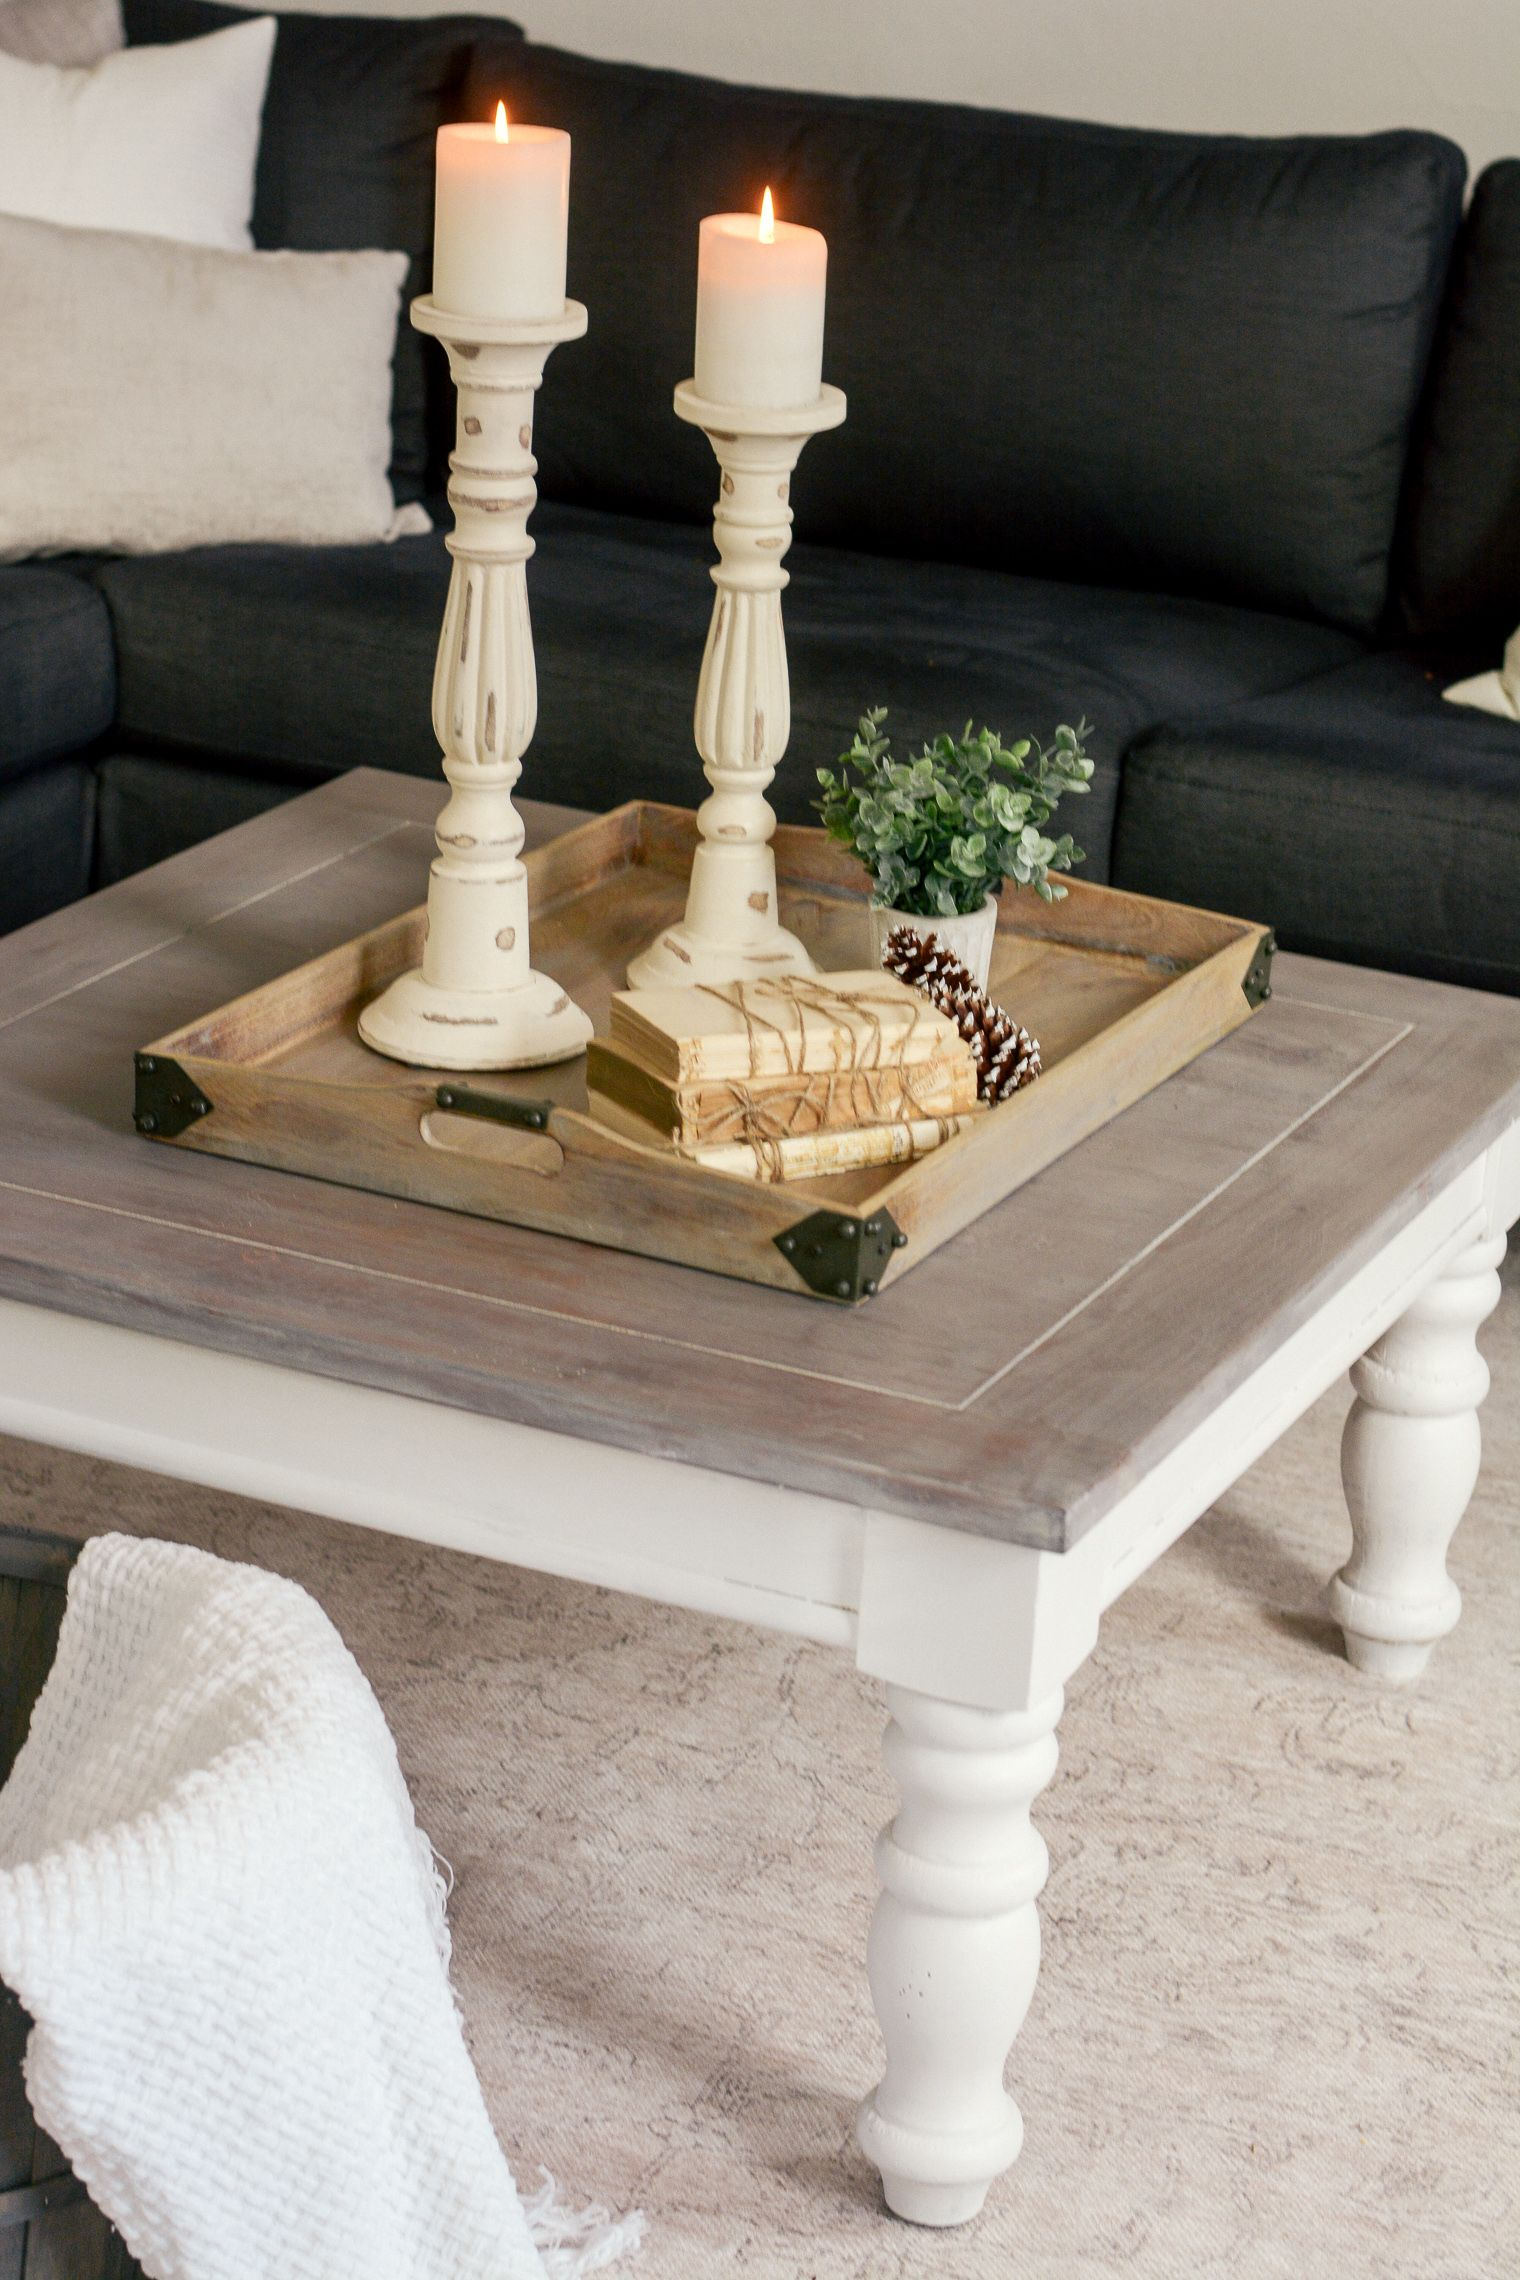 diy farmhouse coffee table facebook marketplace finds beautiful rh pinterest com